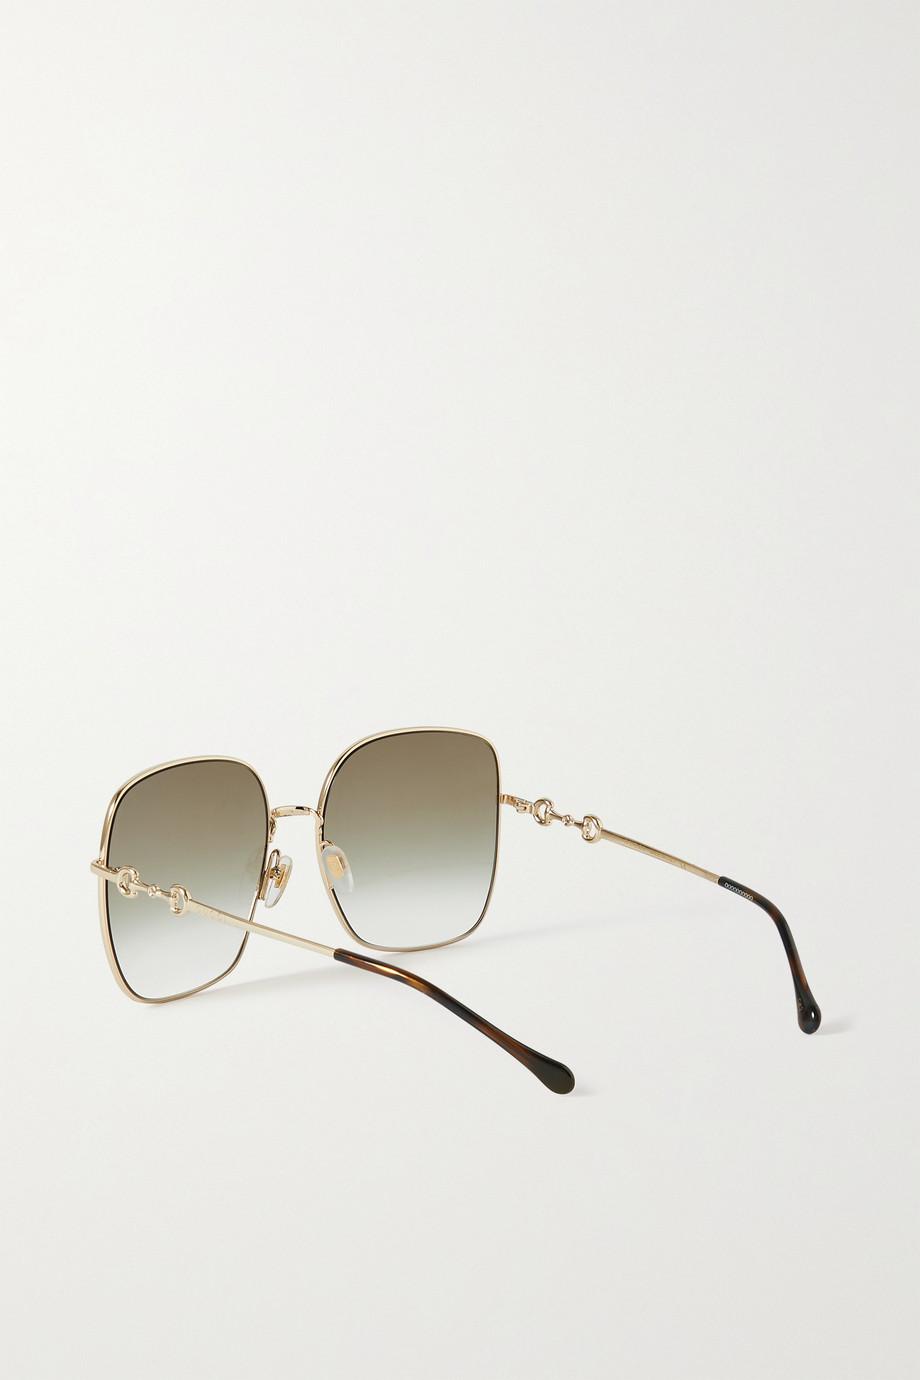 Gucci Goldfarbene Sonnenbrille mit eckigem Rahmen und Horsebit-Detail